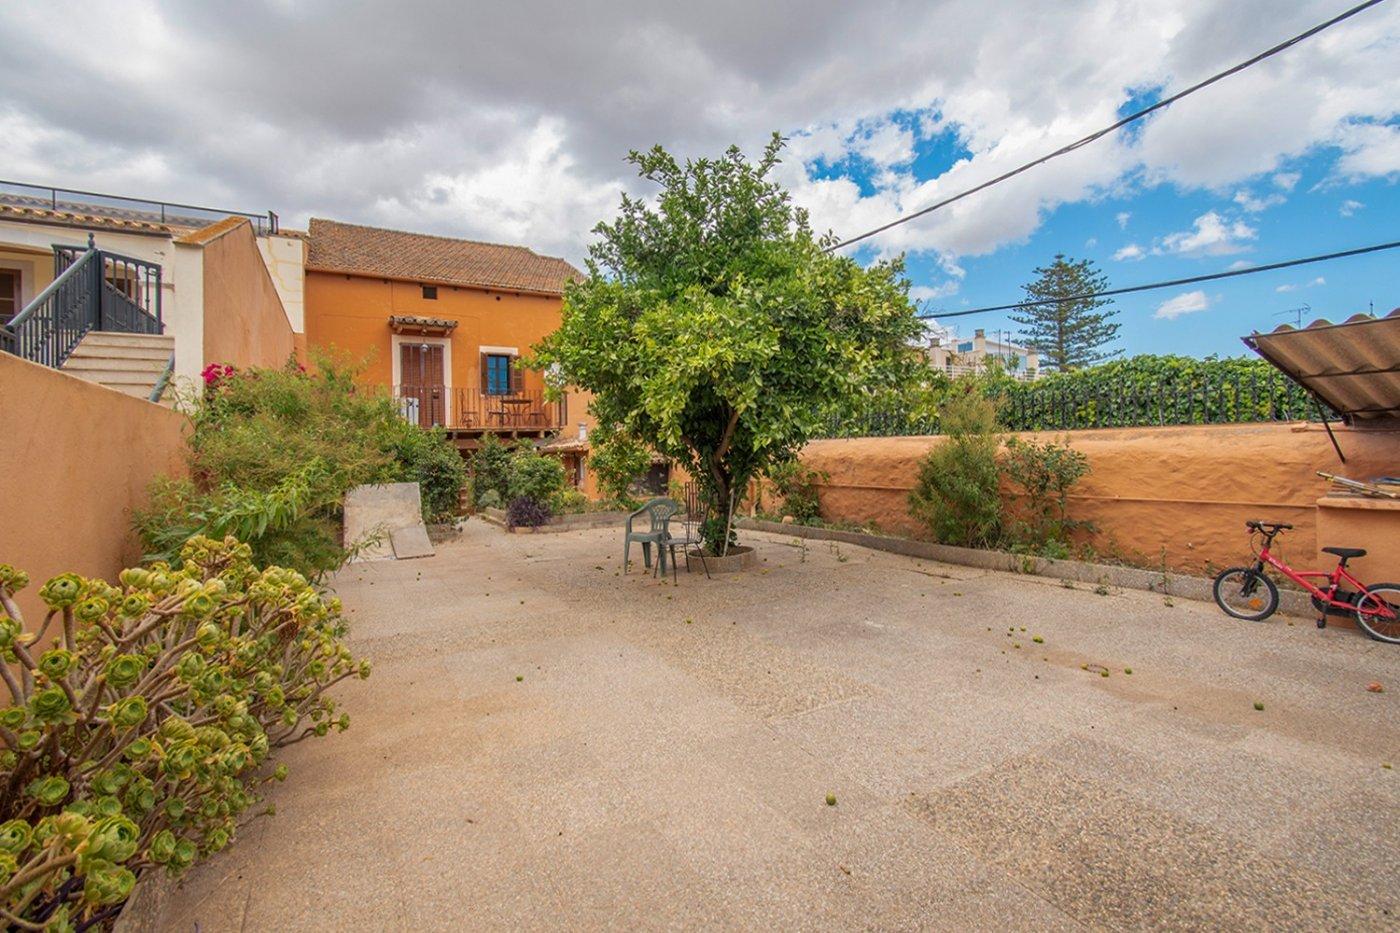 Casa unifamilair con garaje, jardÍn y terraza en la vileta. - imagenInmueble26